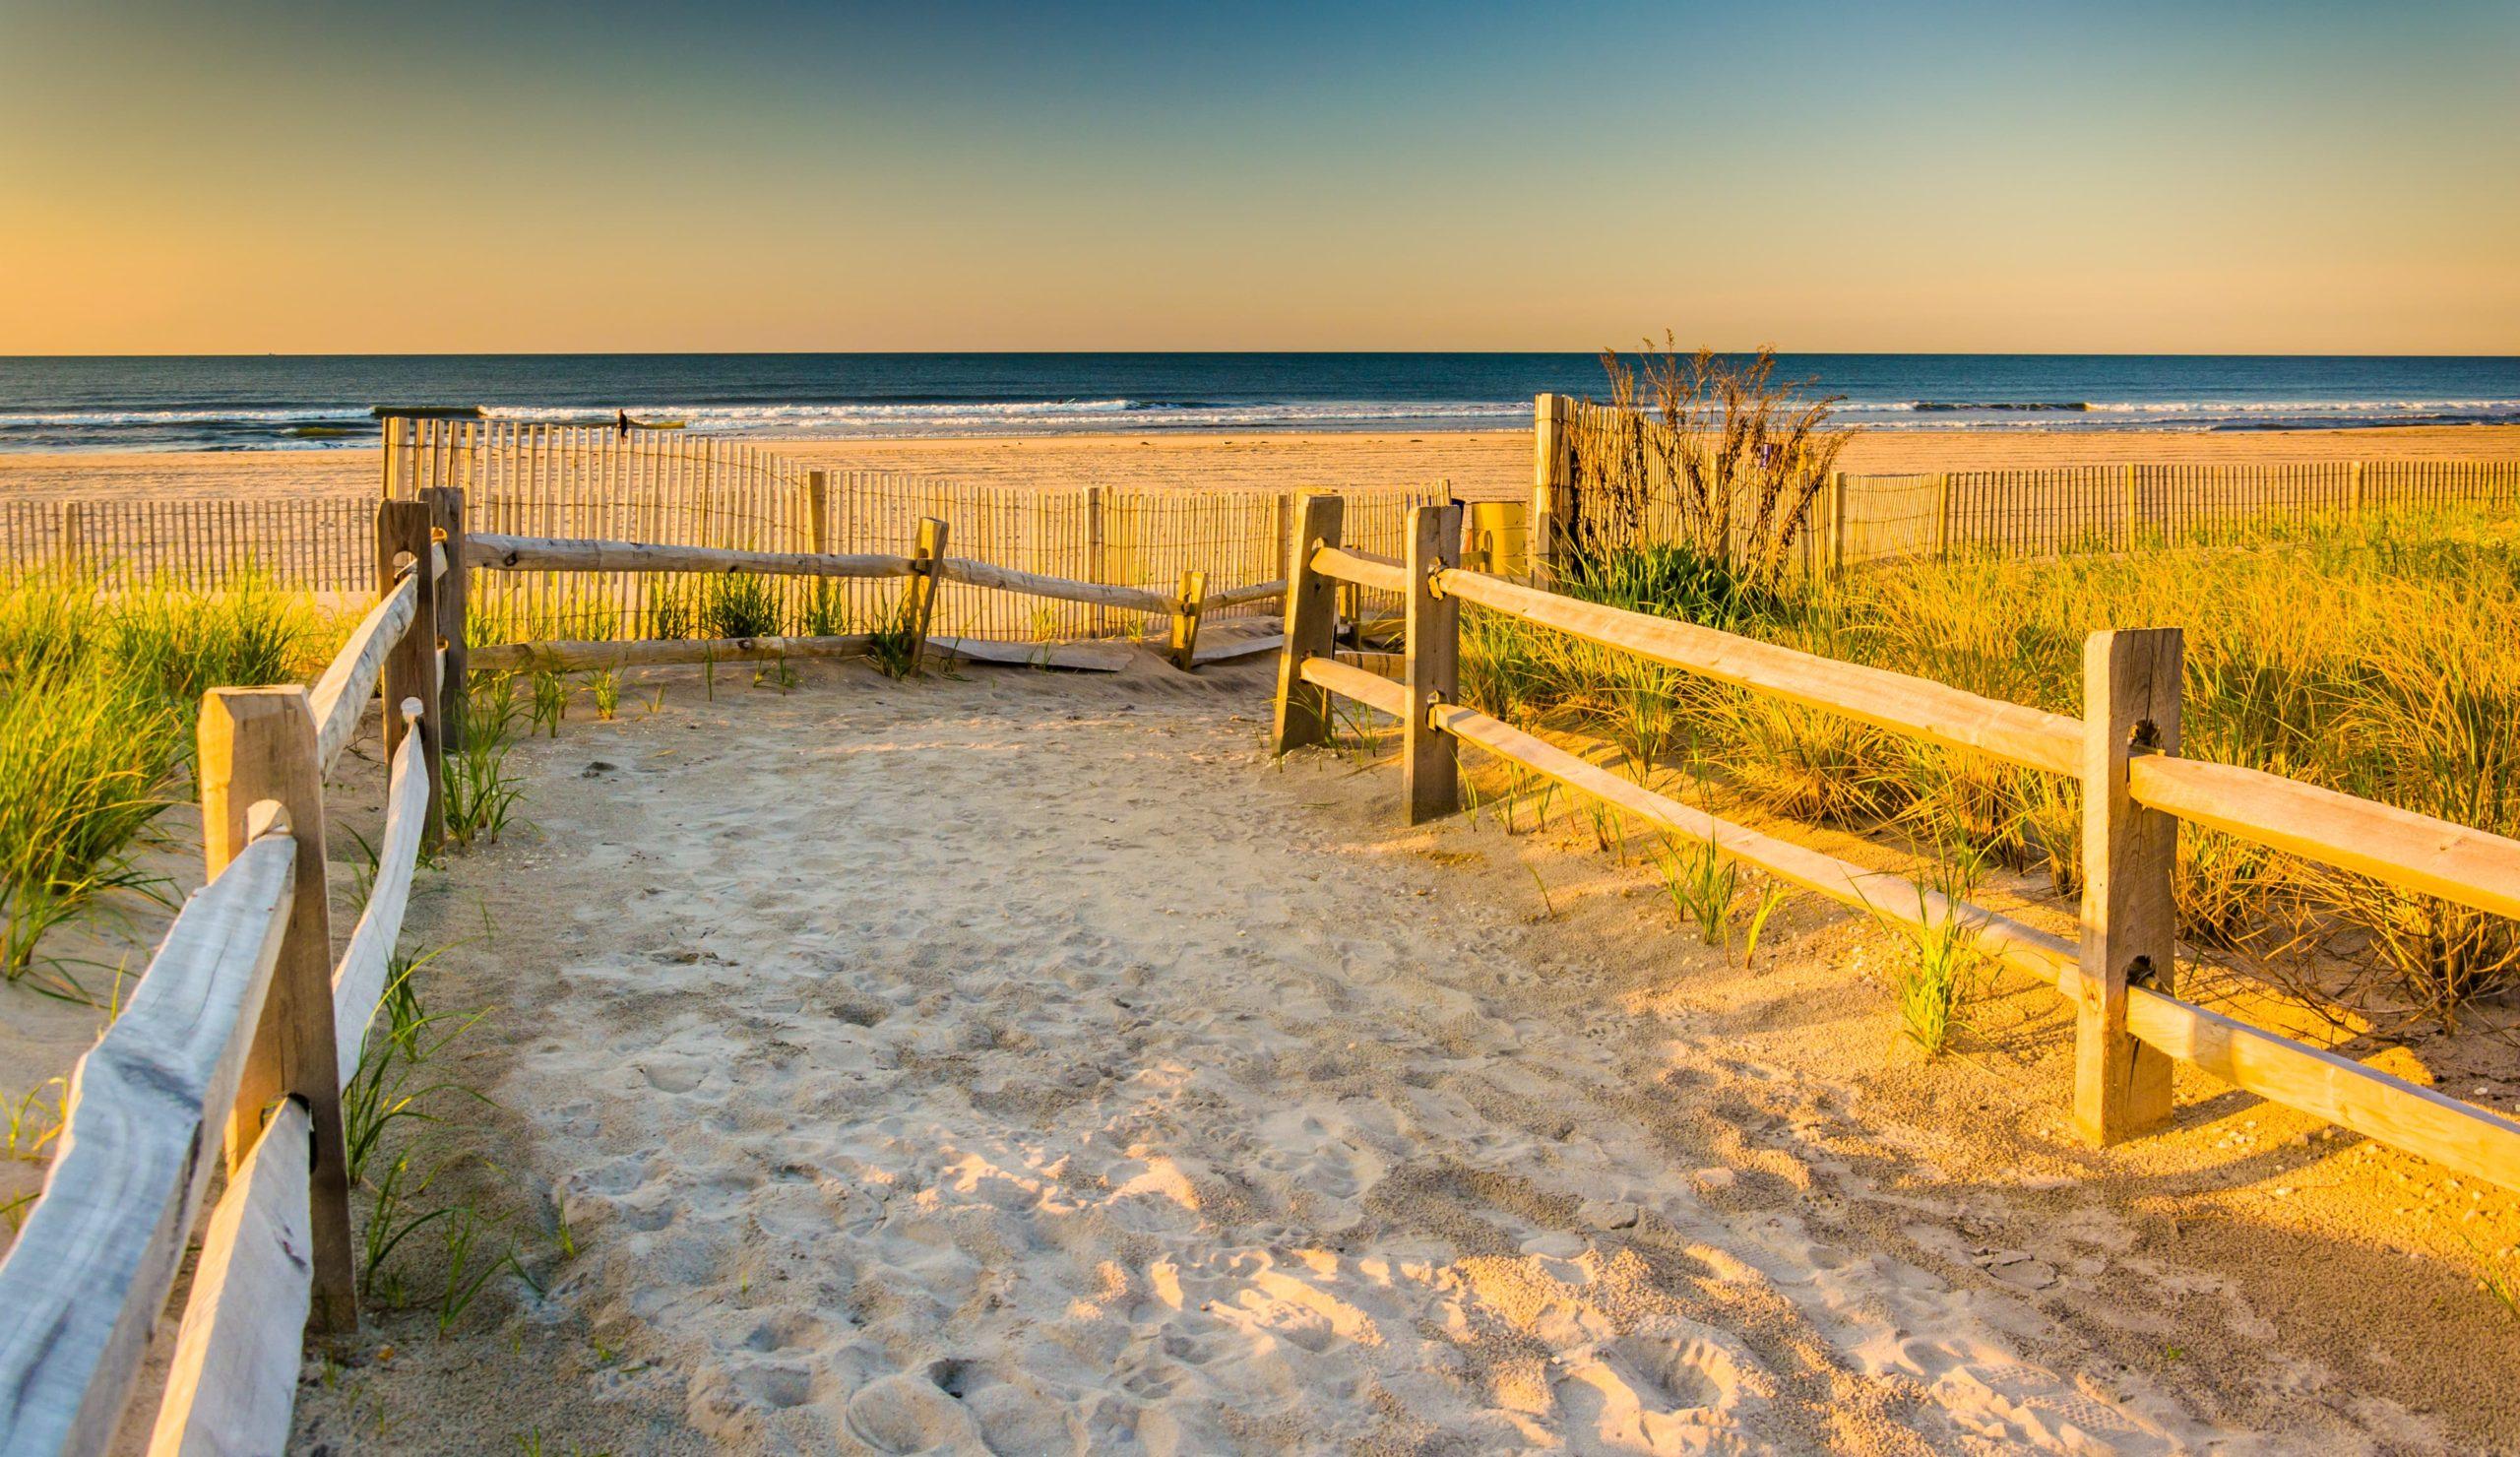 Ocean City Beach SUP